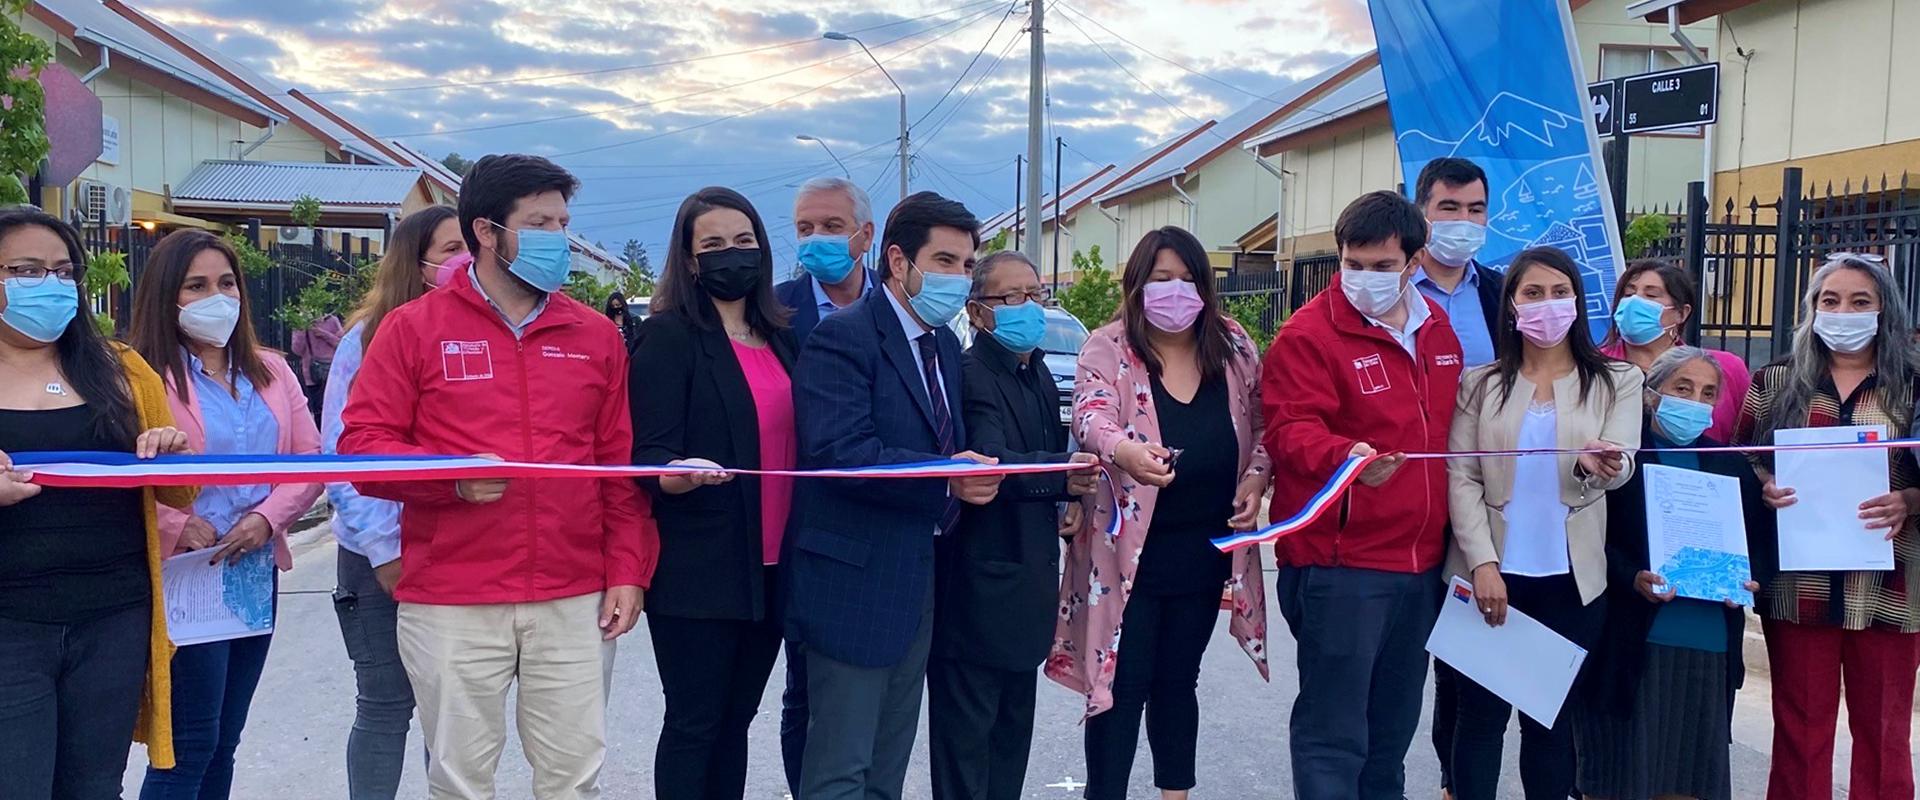 familias y autoridades cortan cinta tricolor para inaugurar villa altos del bosque